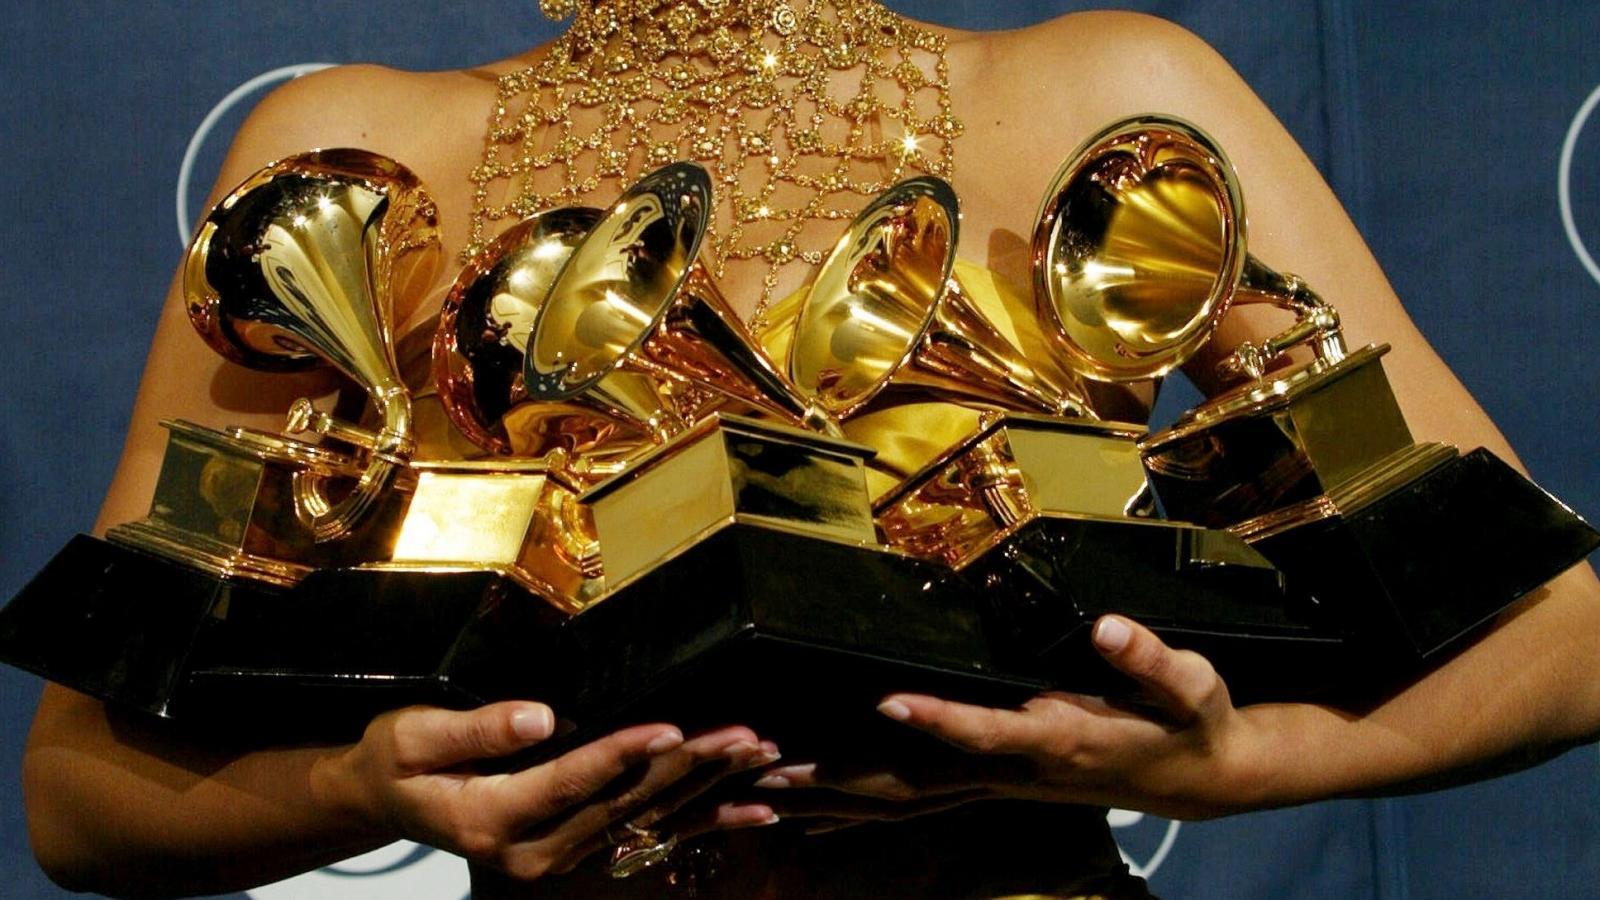 Премия «грэмми» за лучший альбом года — википедия переиздание // wiki 2